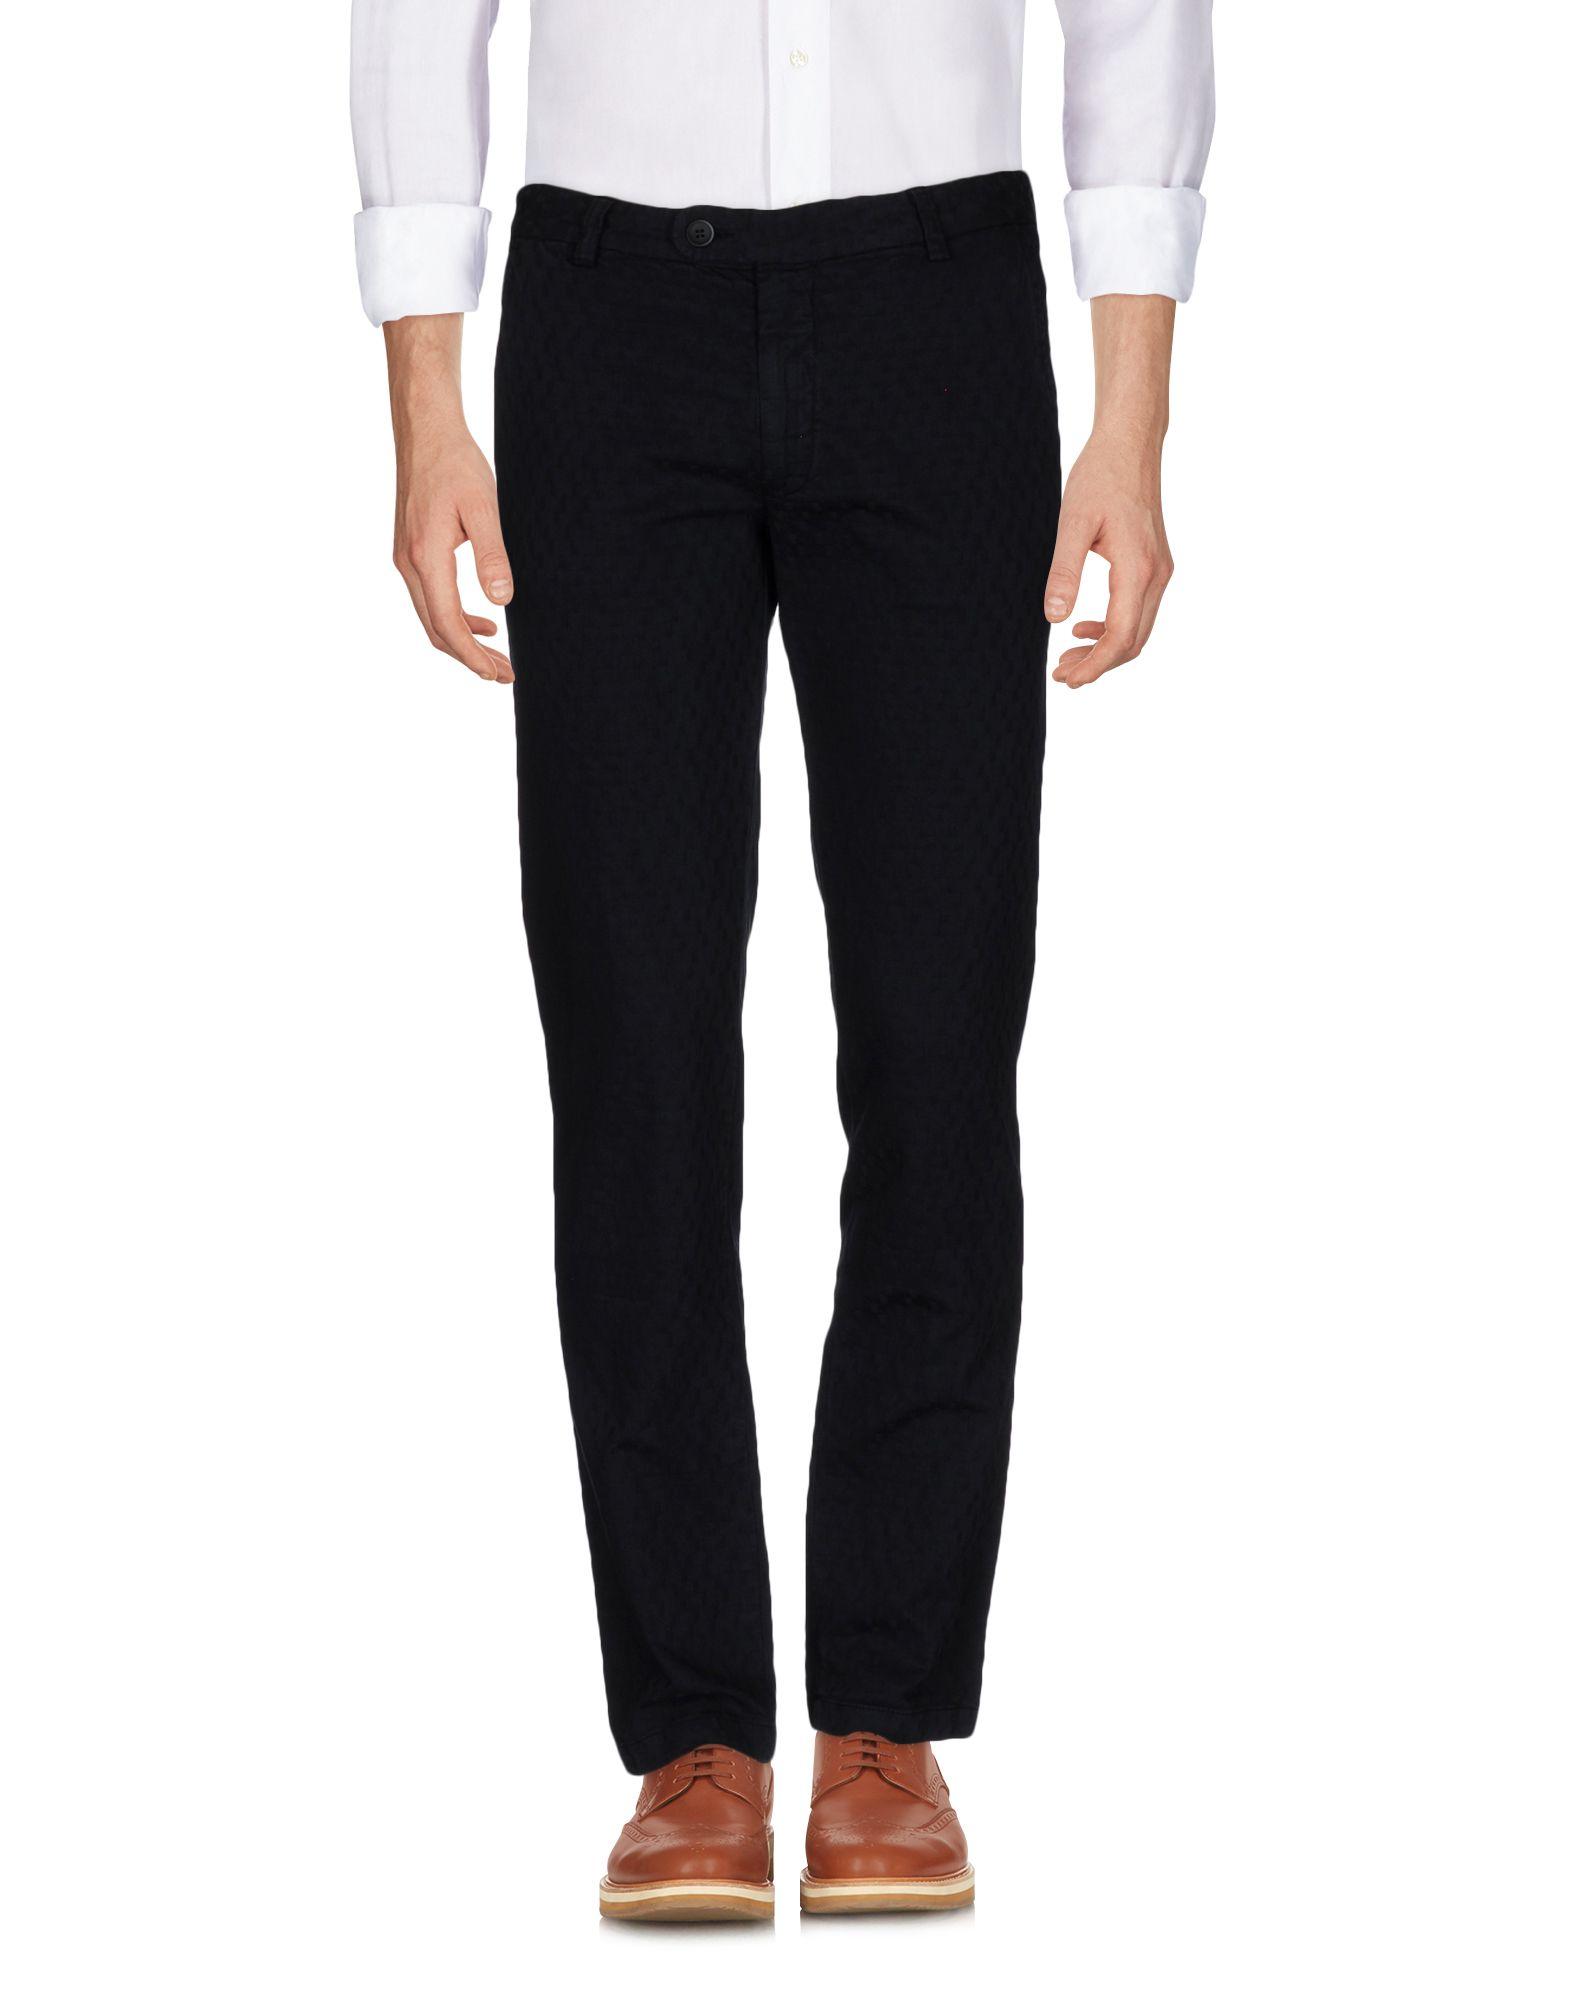 AUTHENTIC ORIGINAL VINTAGE STYLE Повседневные брюки new japanese original authentic vfr3140 5ezc